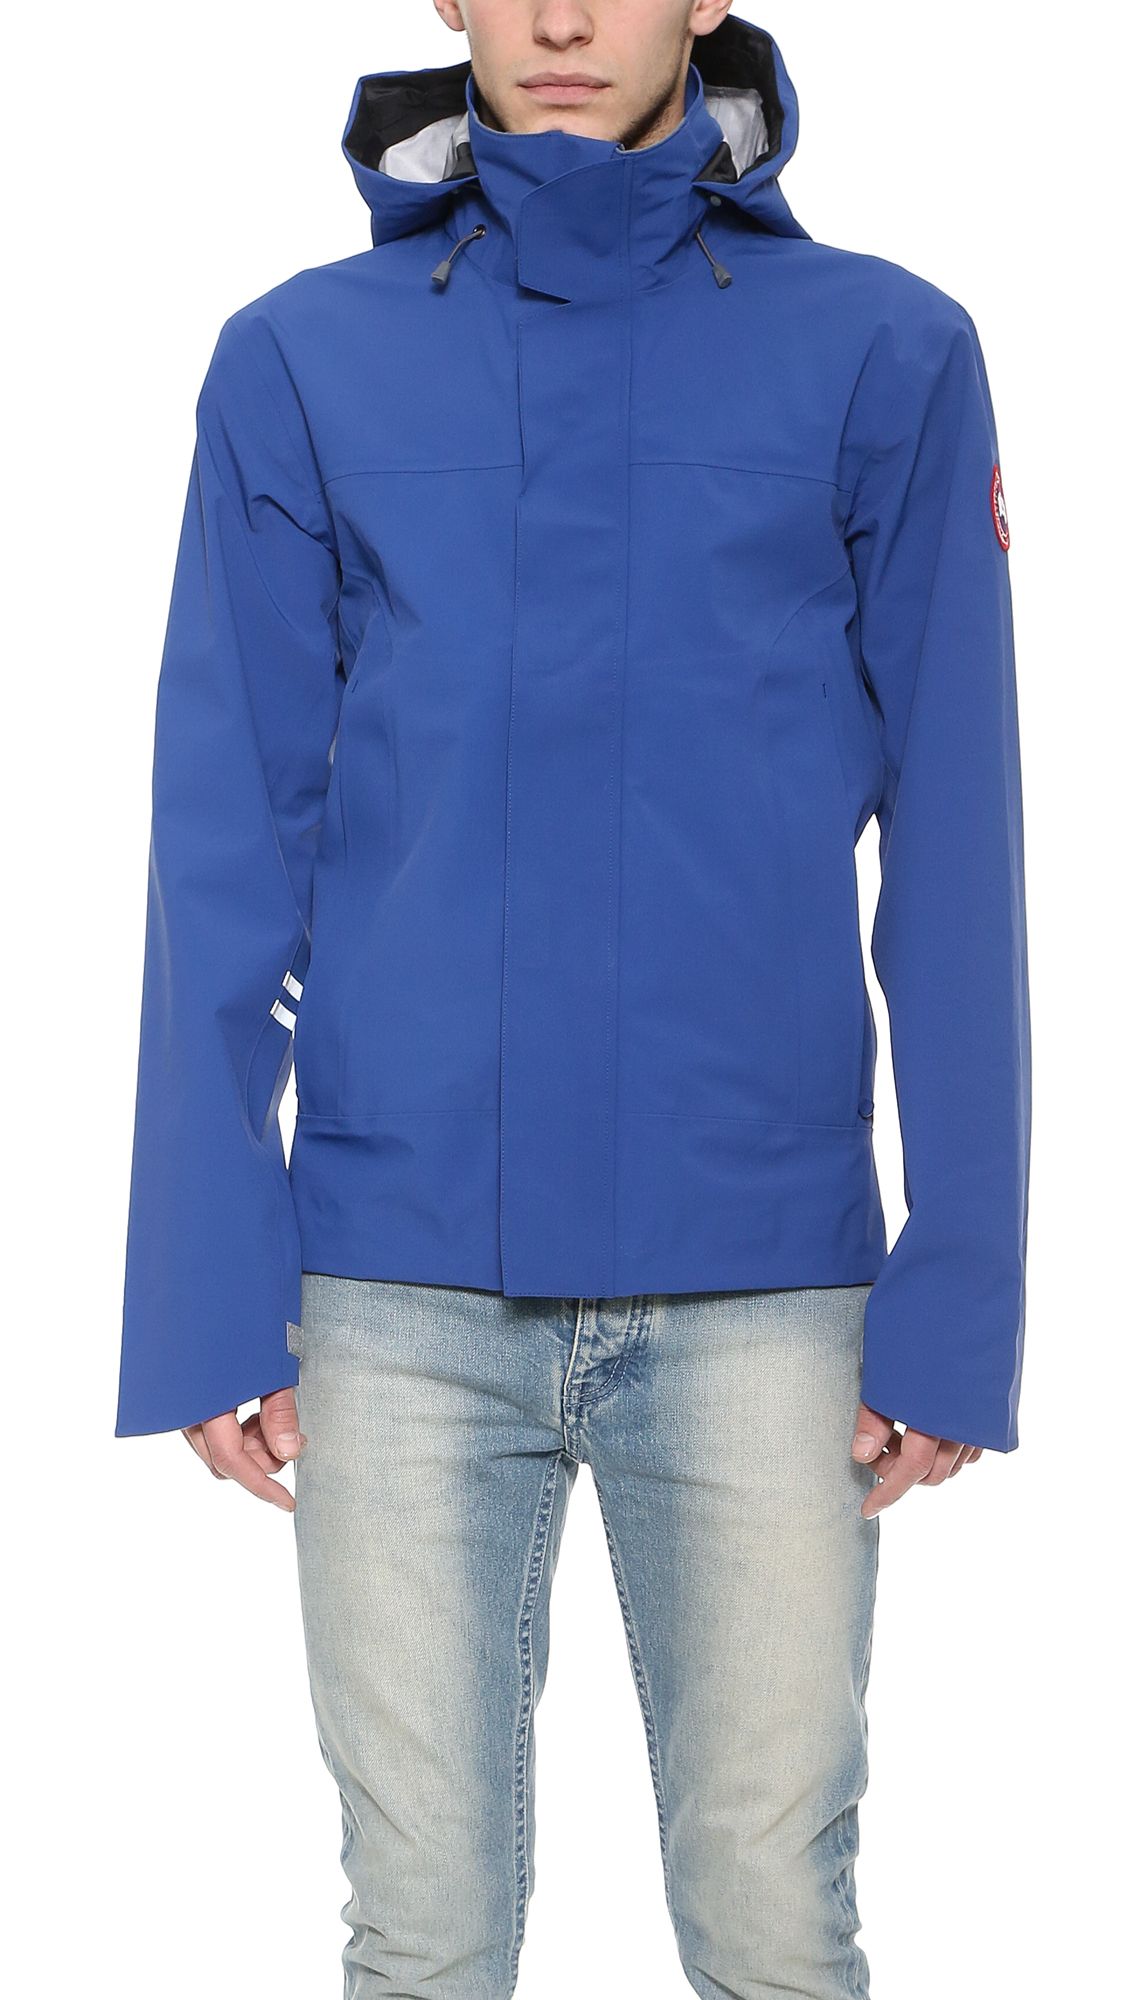 66e4e76d927 Canada Goose Ridge Shell Jacket | EAST DANE